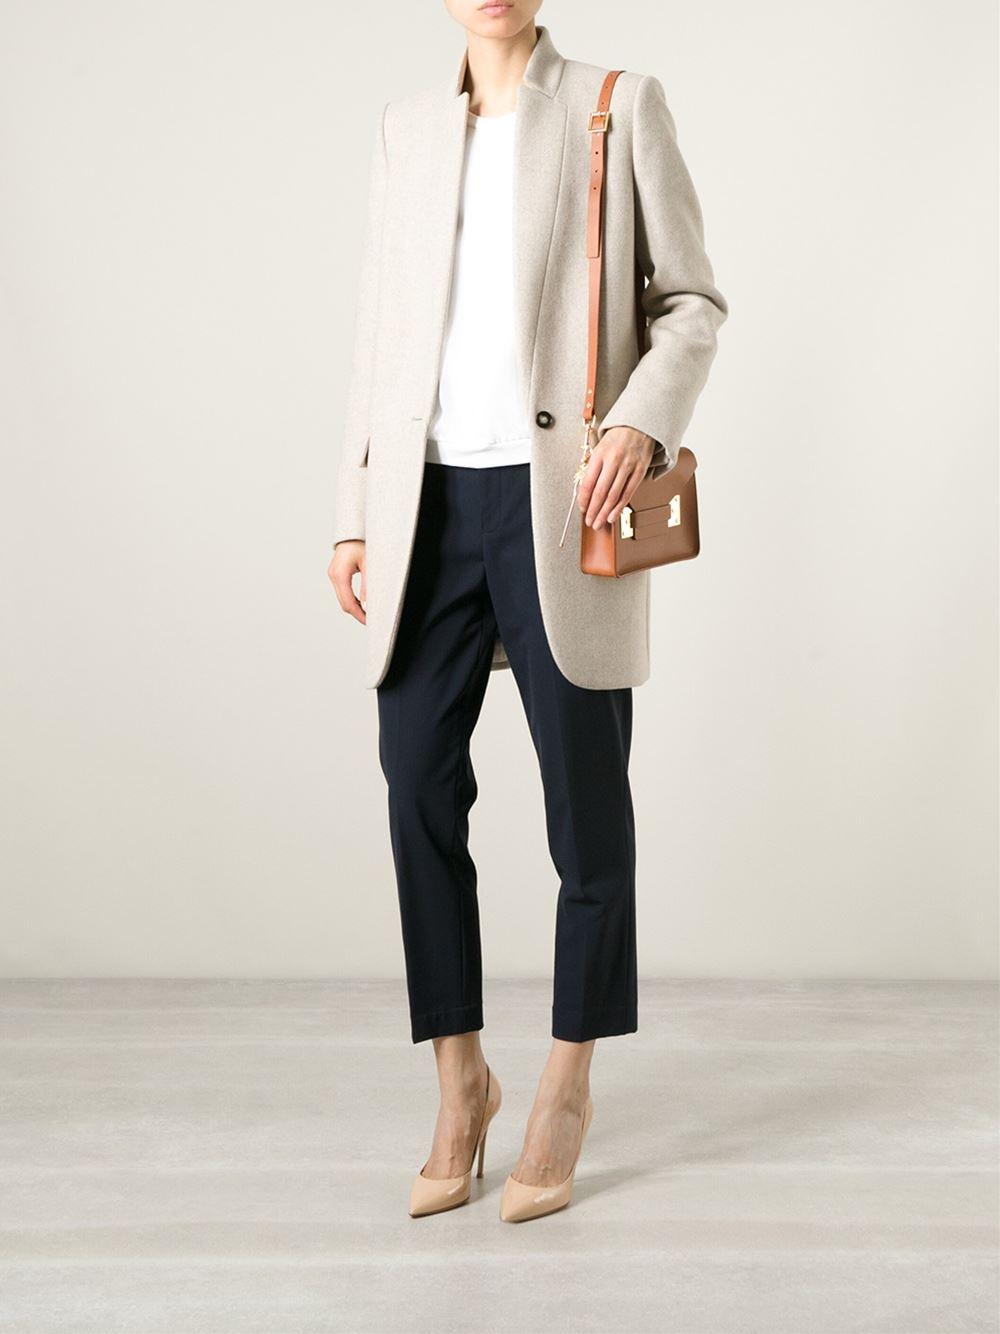 Sophie Hulme Mini Envelope Cross Body Bag In Brown Lyst